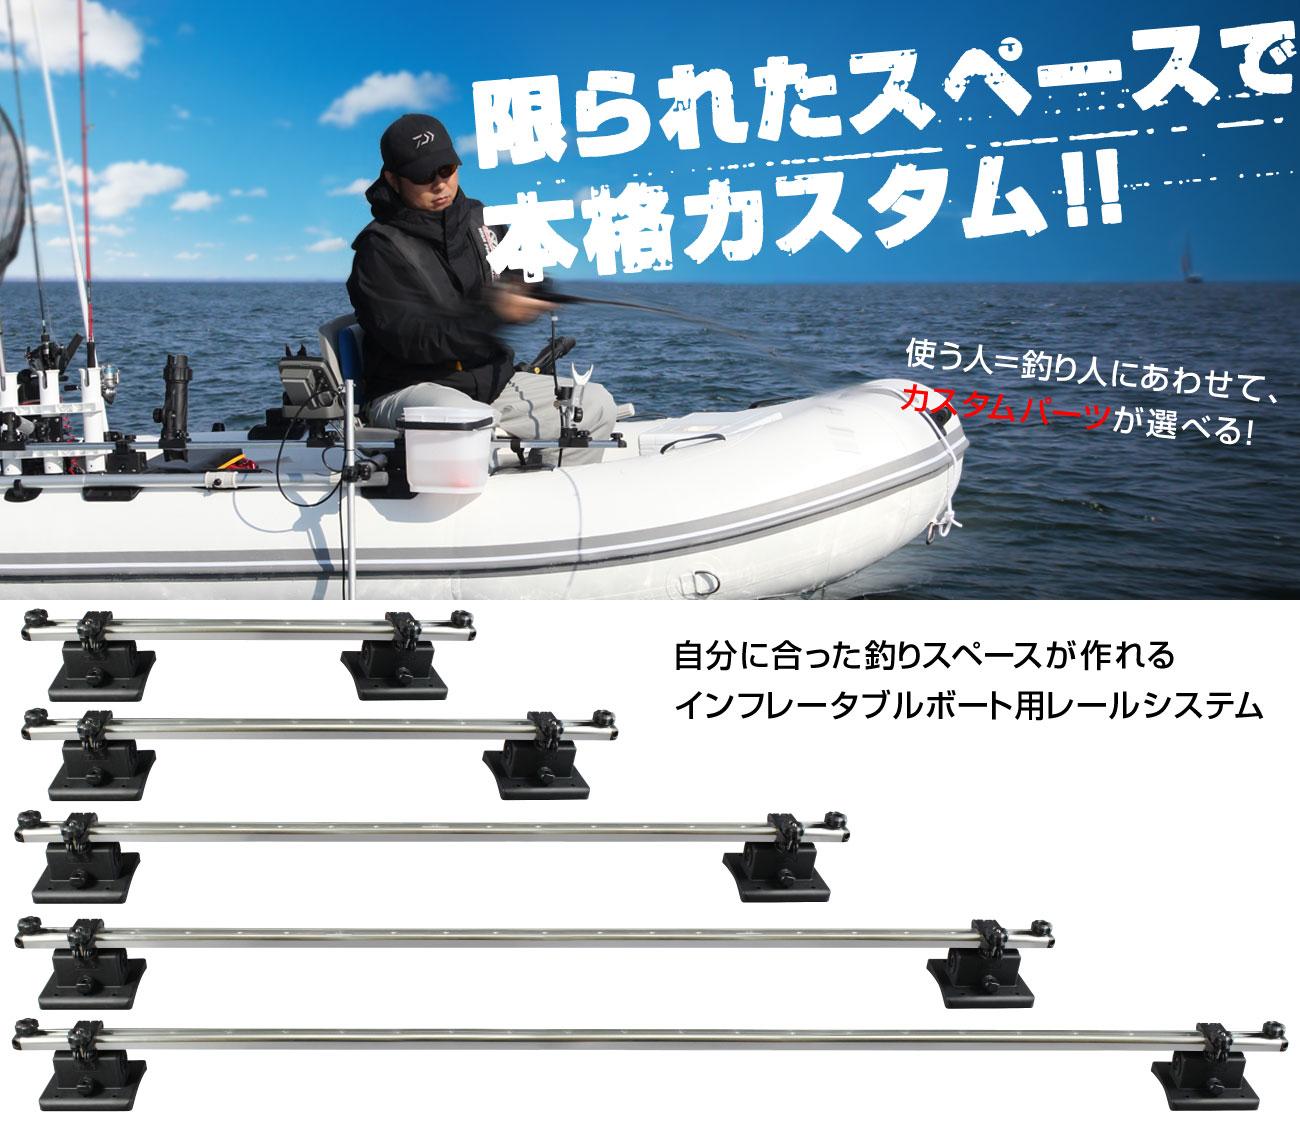 BM-IFRS_web01_インフレータブルボートの限られたスペースを本格カスタム